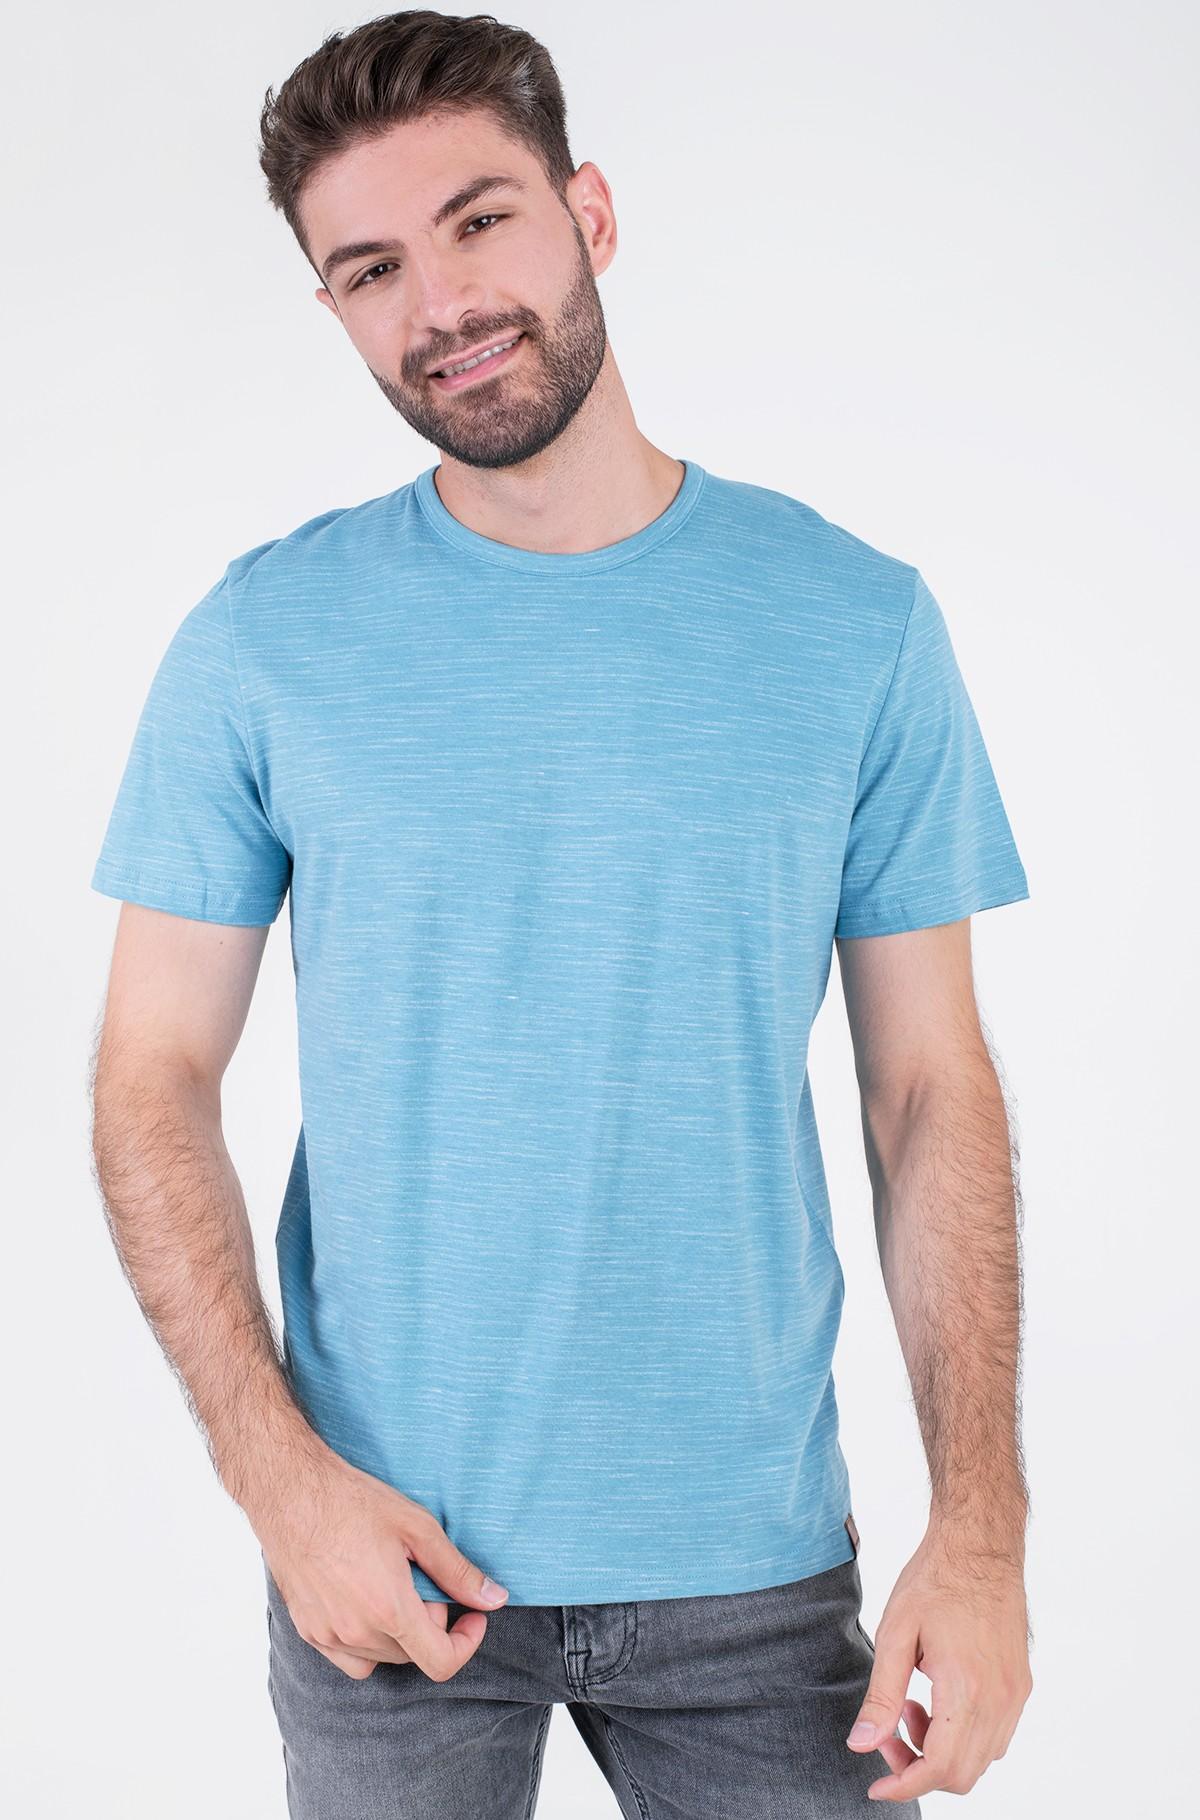 T-shirt 1027435-full-1